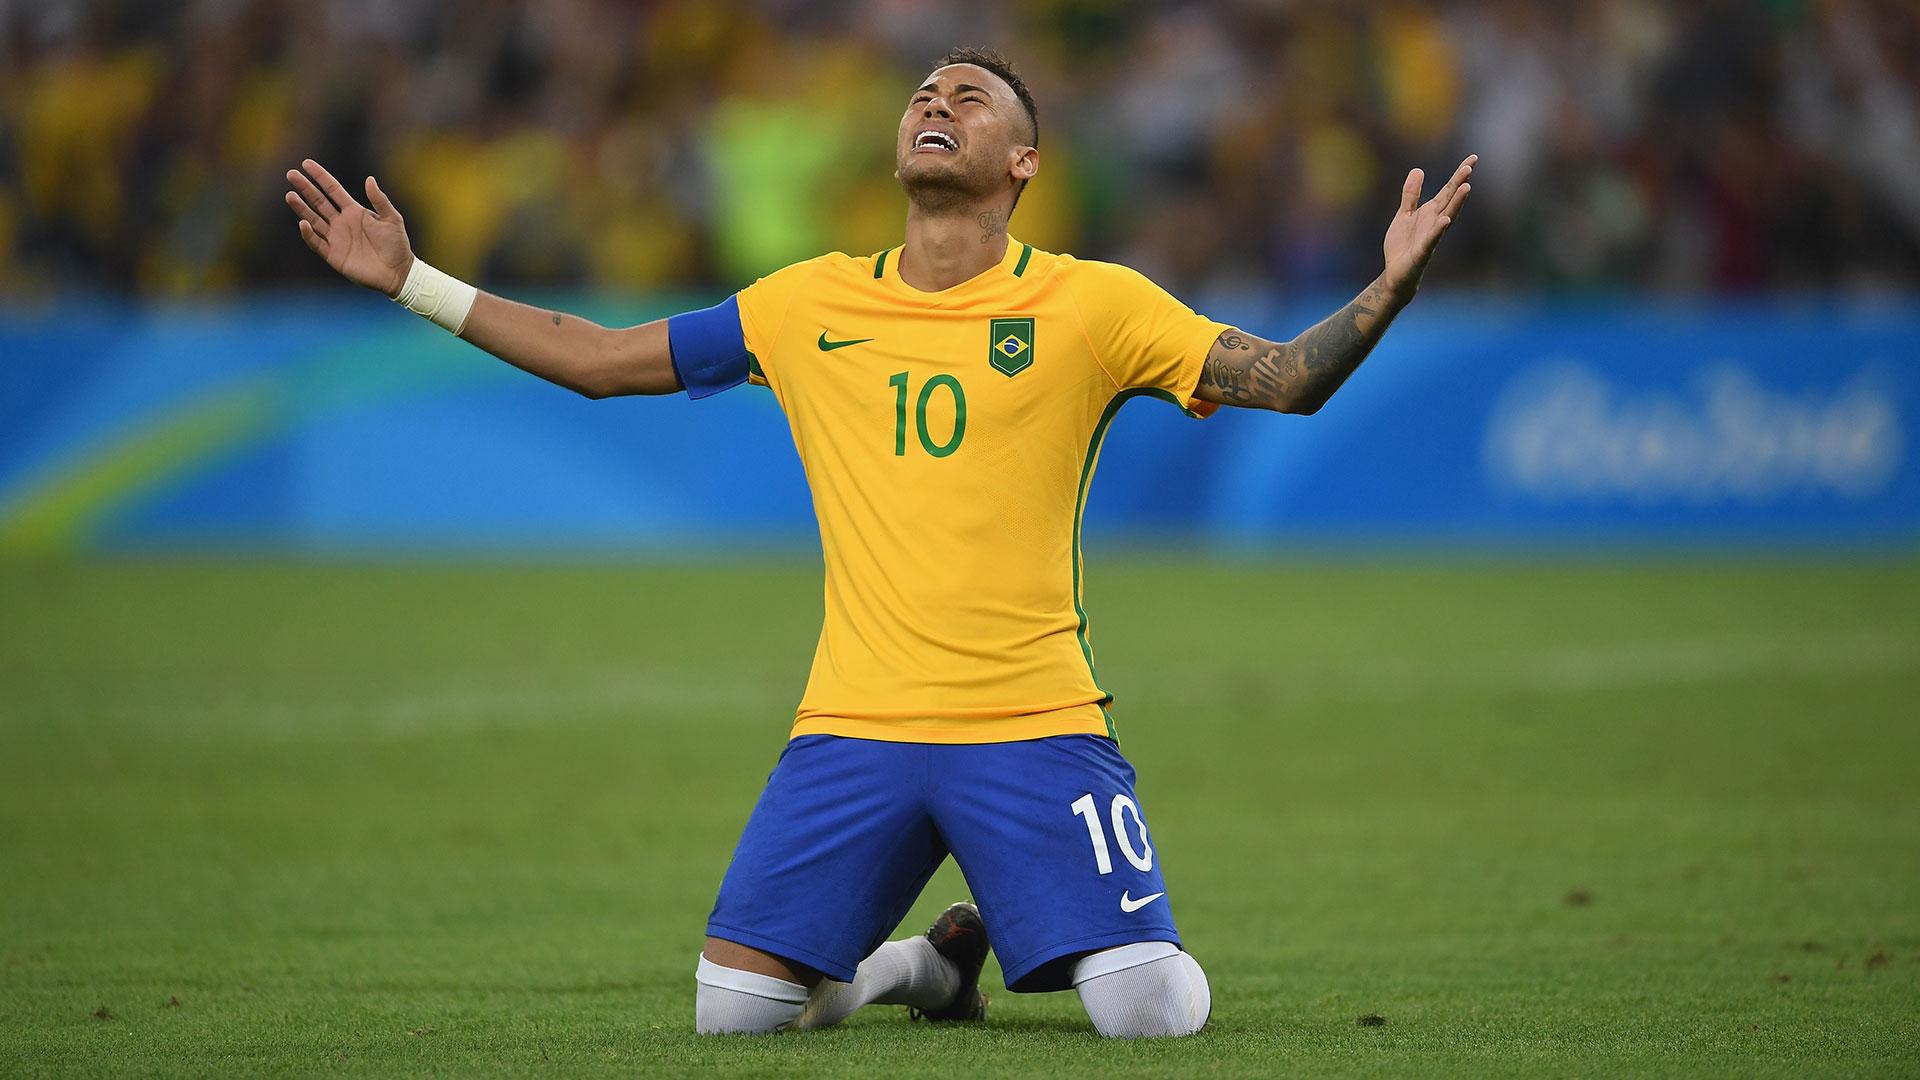 Neymar Brazil Olympic final